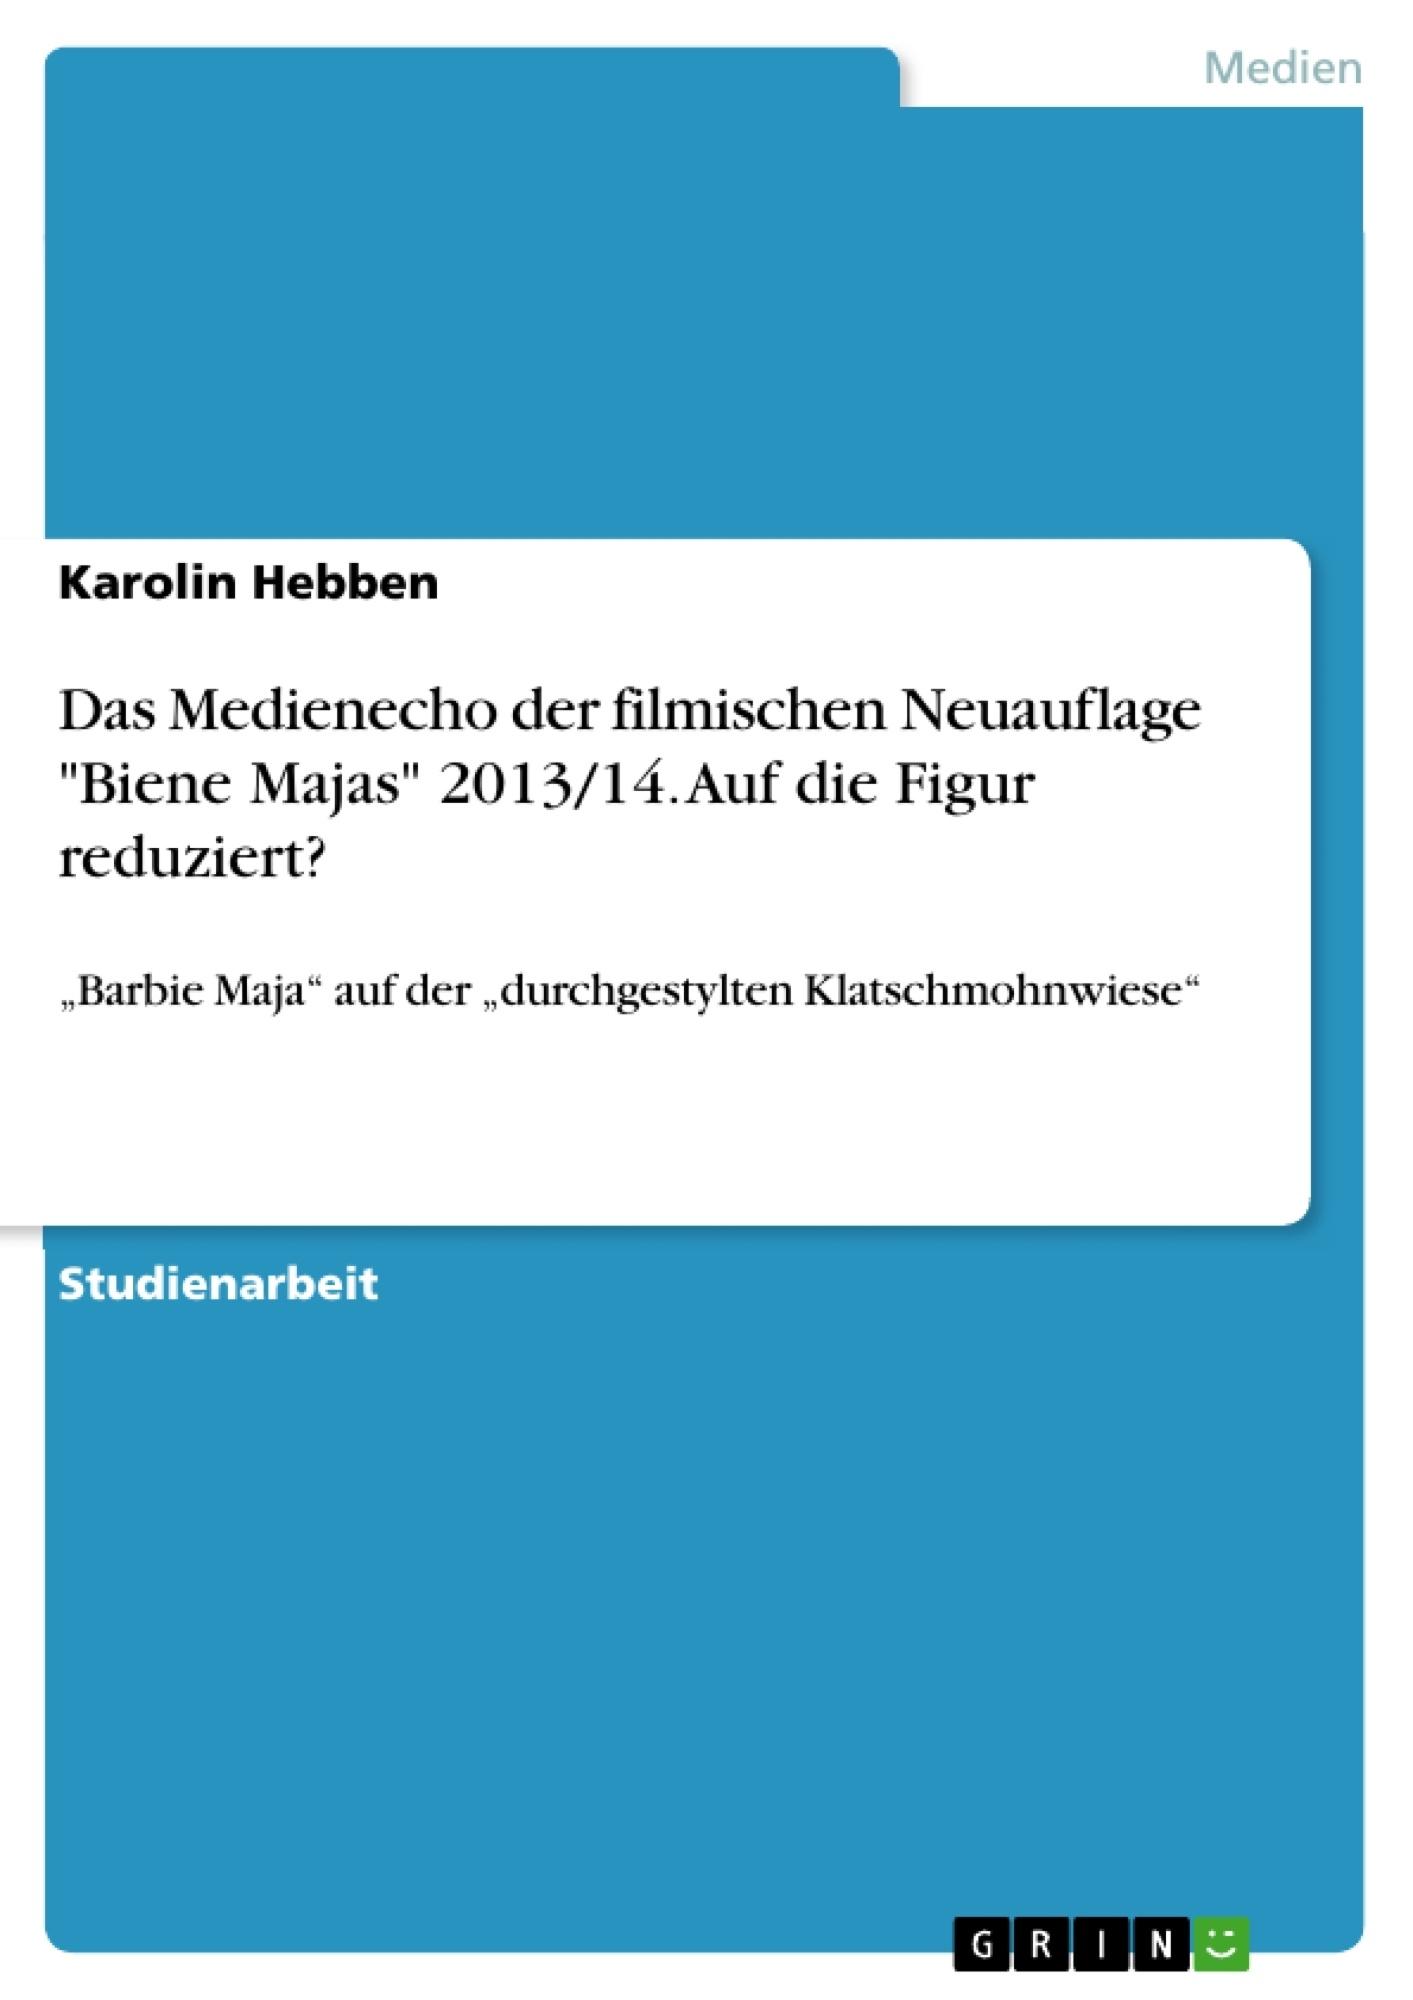 """Titel: Das Medienecho der filmischen Neuauflage """"Biene Majas"""" 2013/14. Auf die Figur reduziert?"""